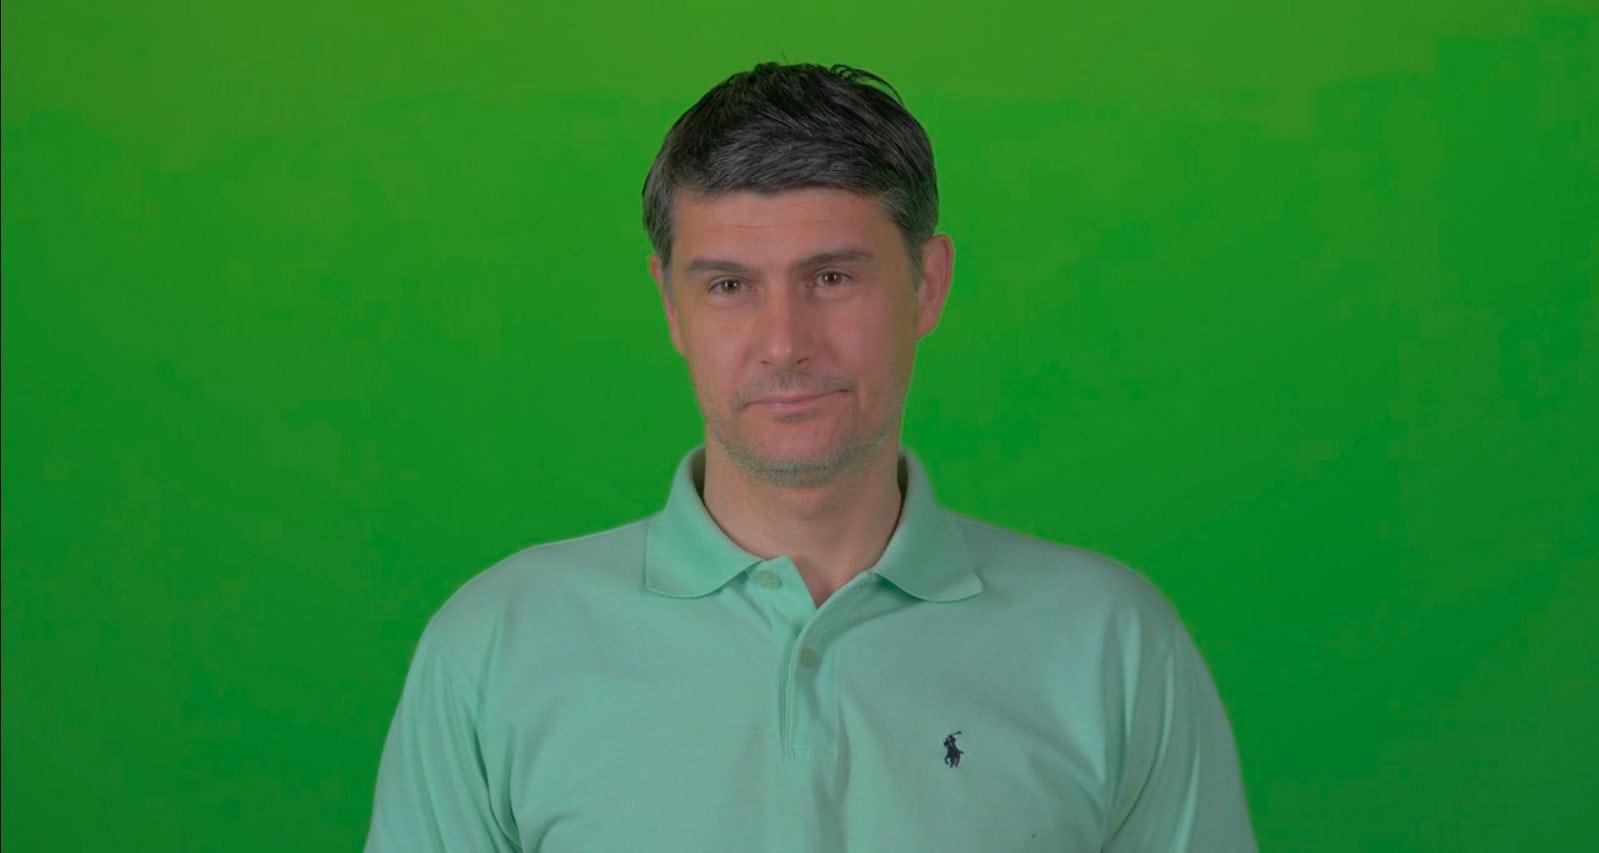 Съемка рекламного ролика для финансовой компании фото